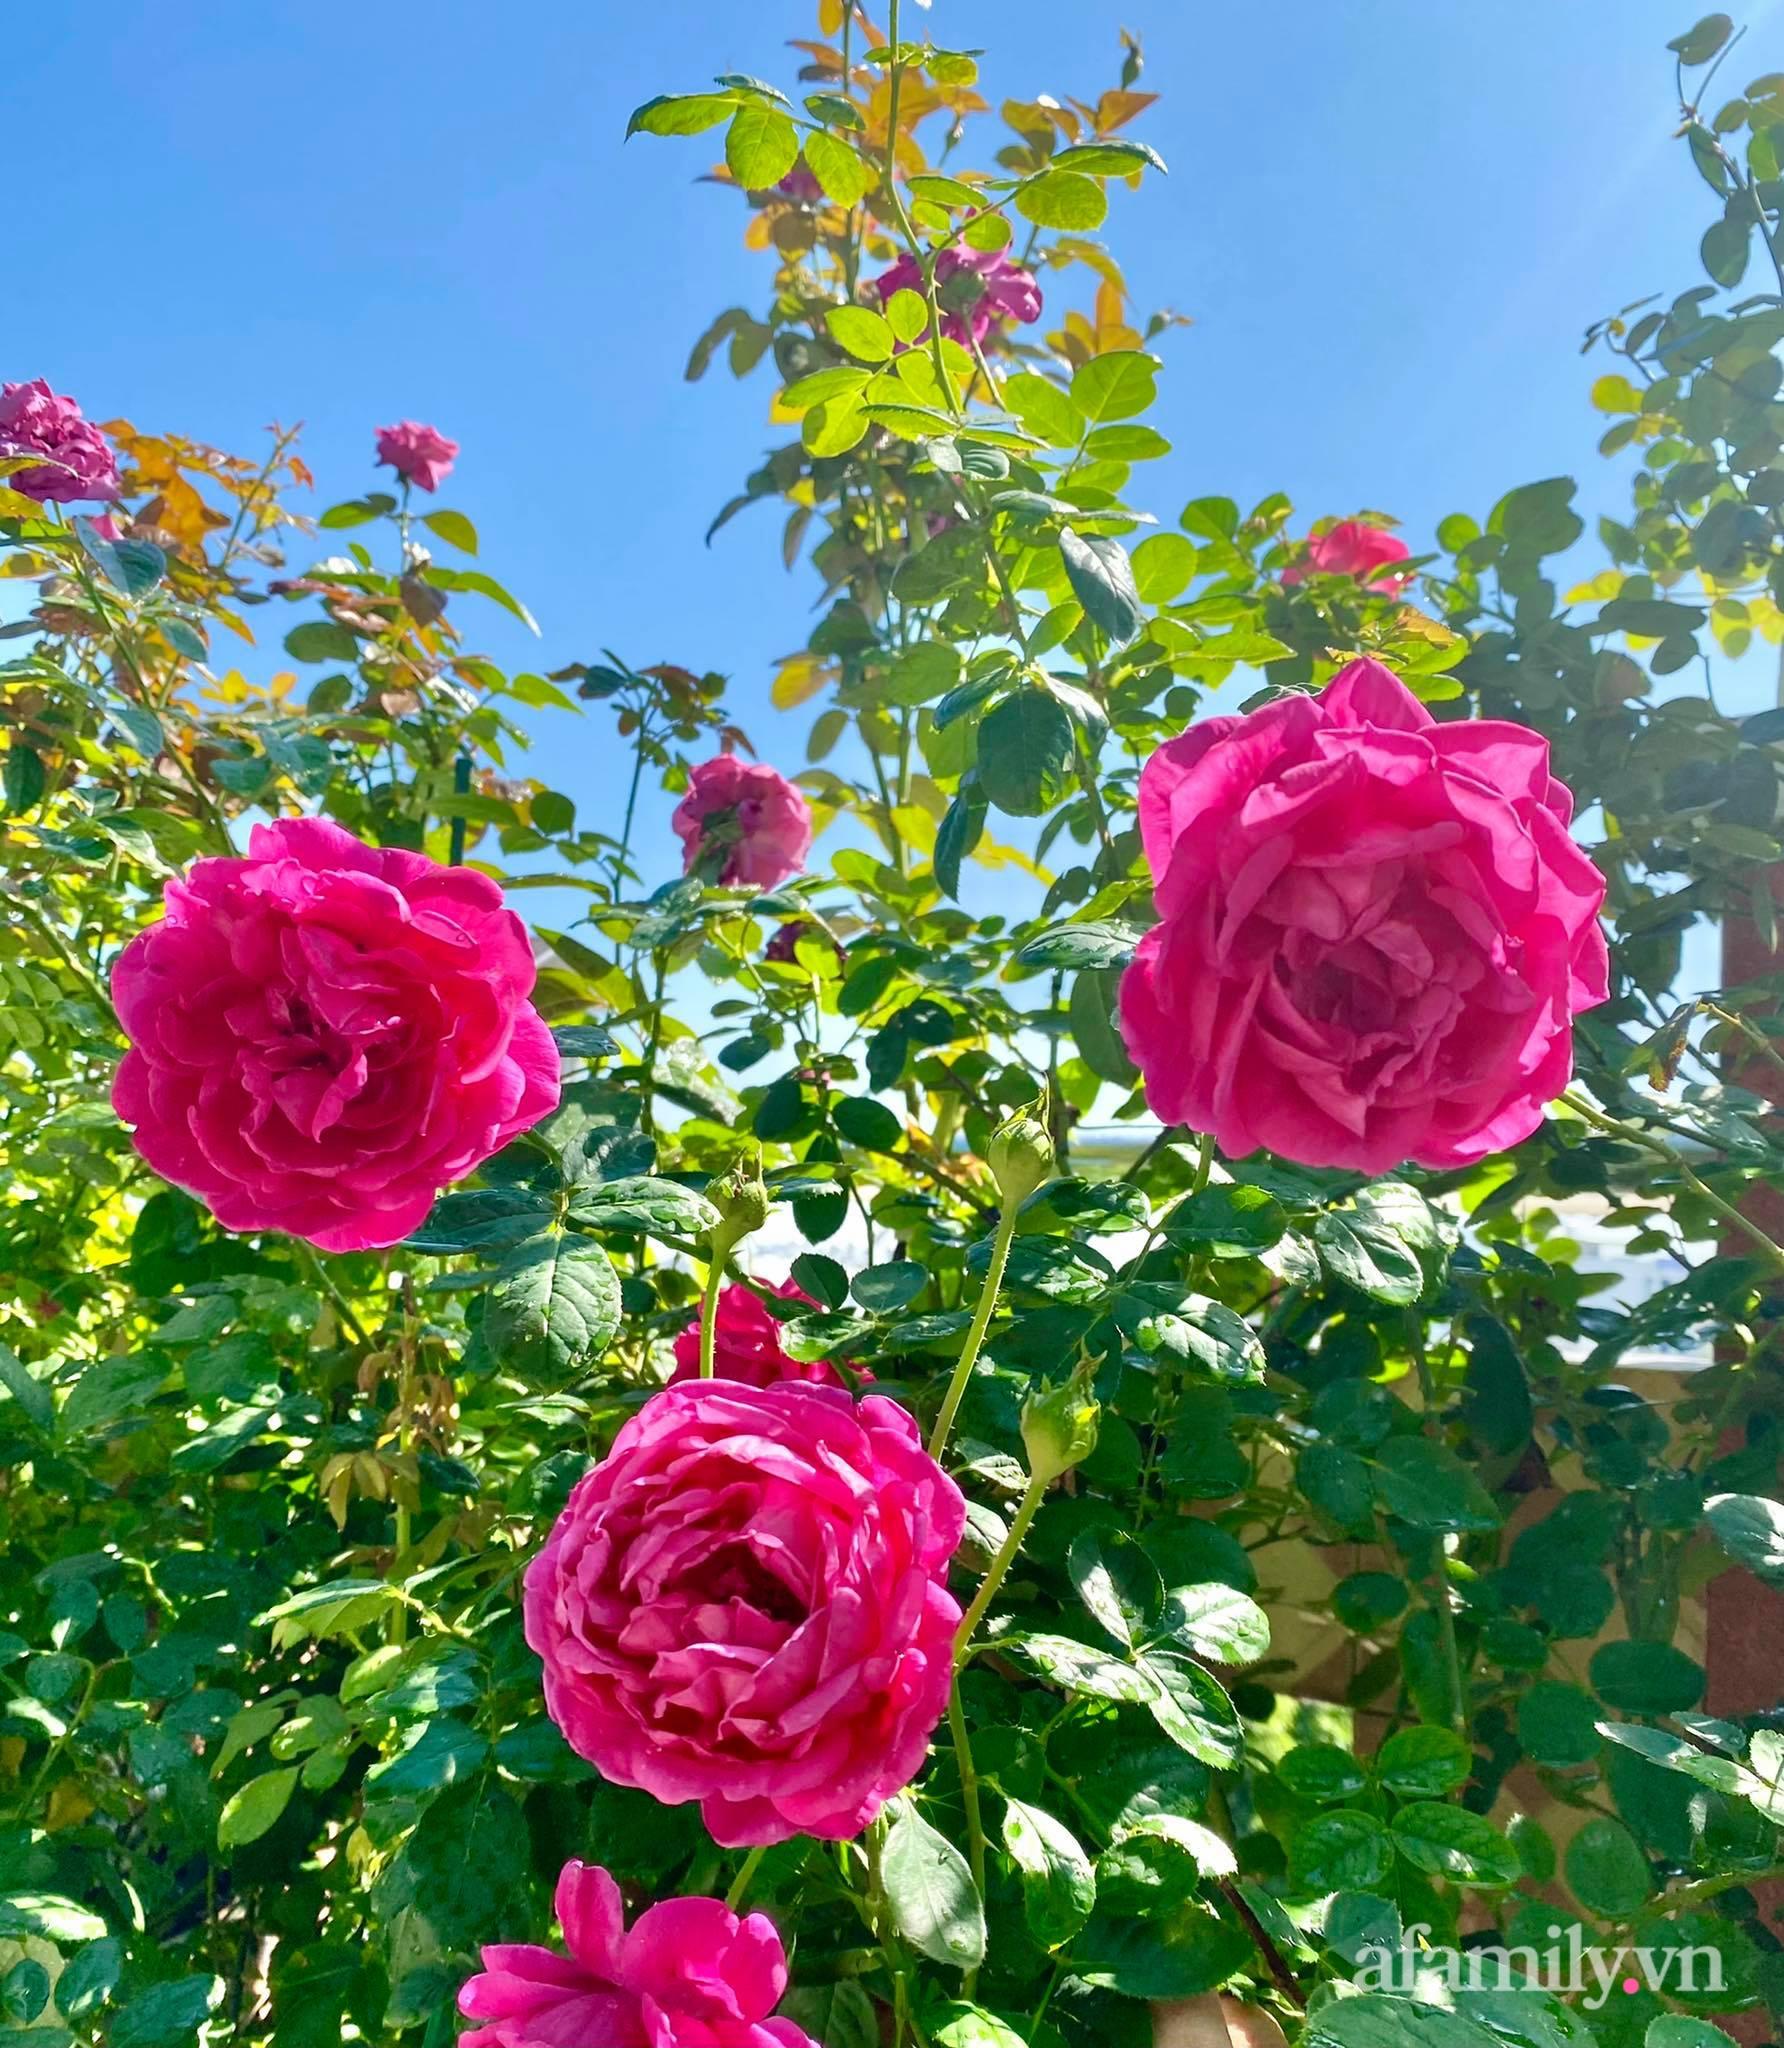 Sân thượng phủ kín hoa hồng và rau quả sạch ở Sài Gòn của Hoa hậu Janny Thủy Trần - ảnh 10